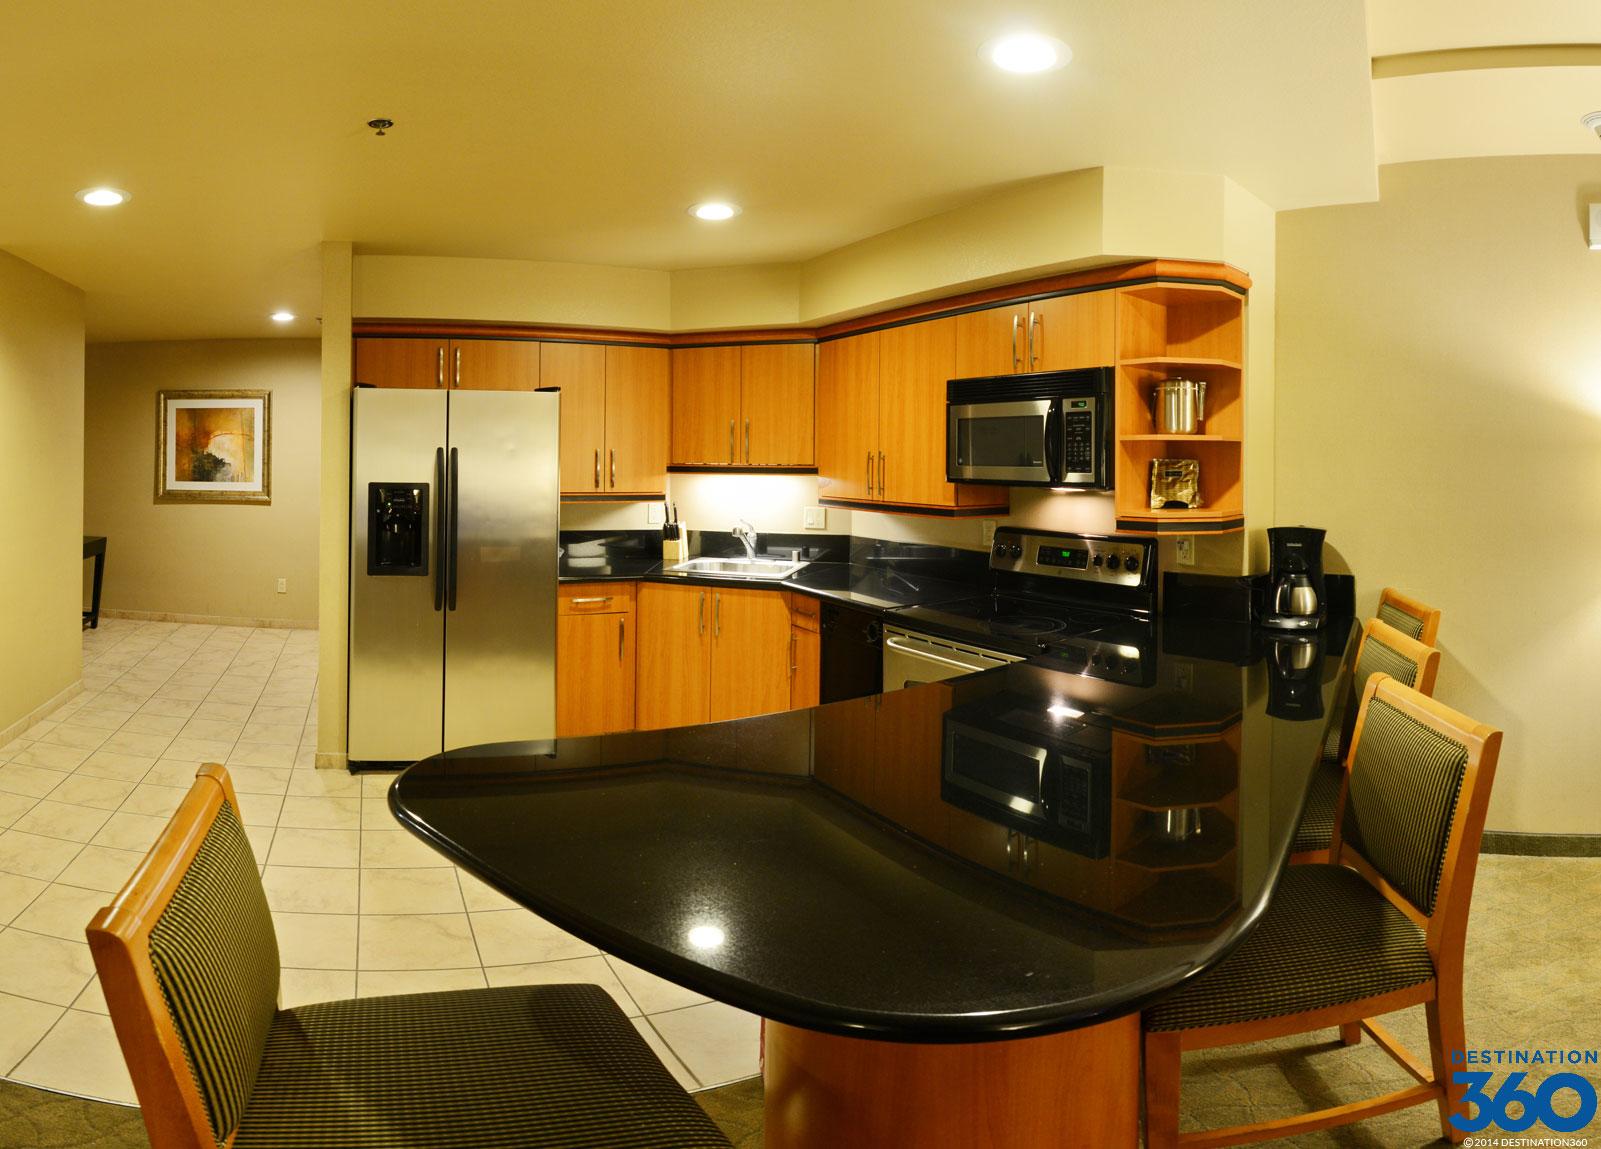 2 Bedroom Suites Las Vegas  2 Room Suites Las Vegas